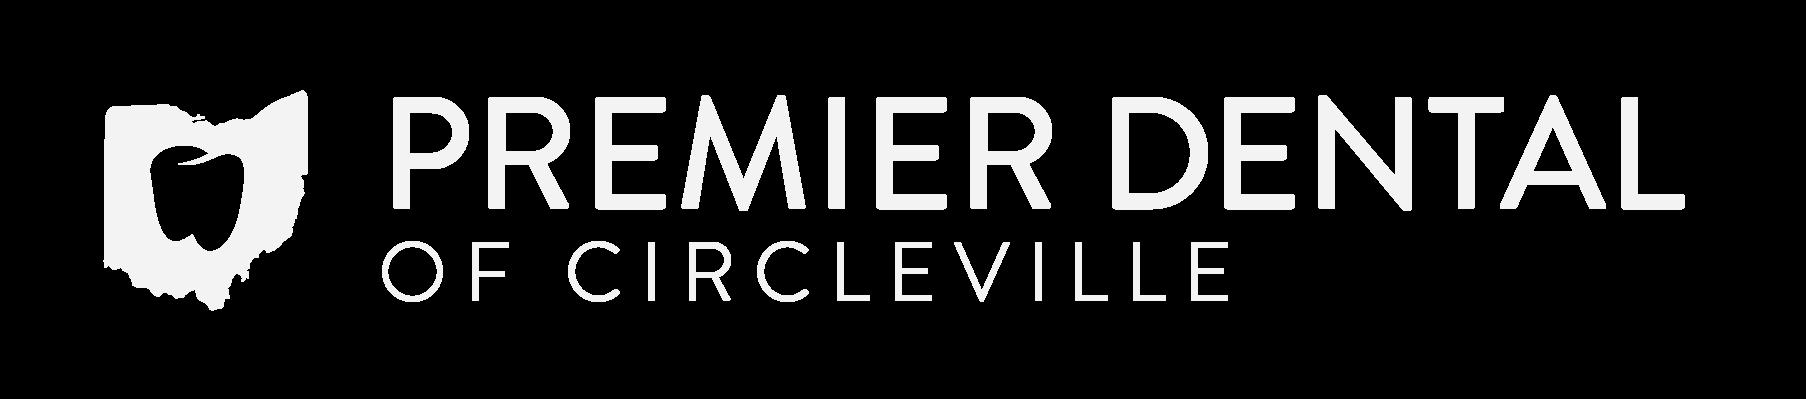 Premier Dental of Circleville